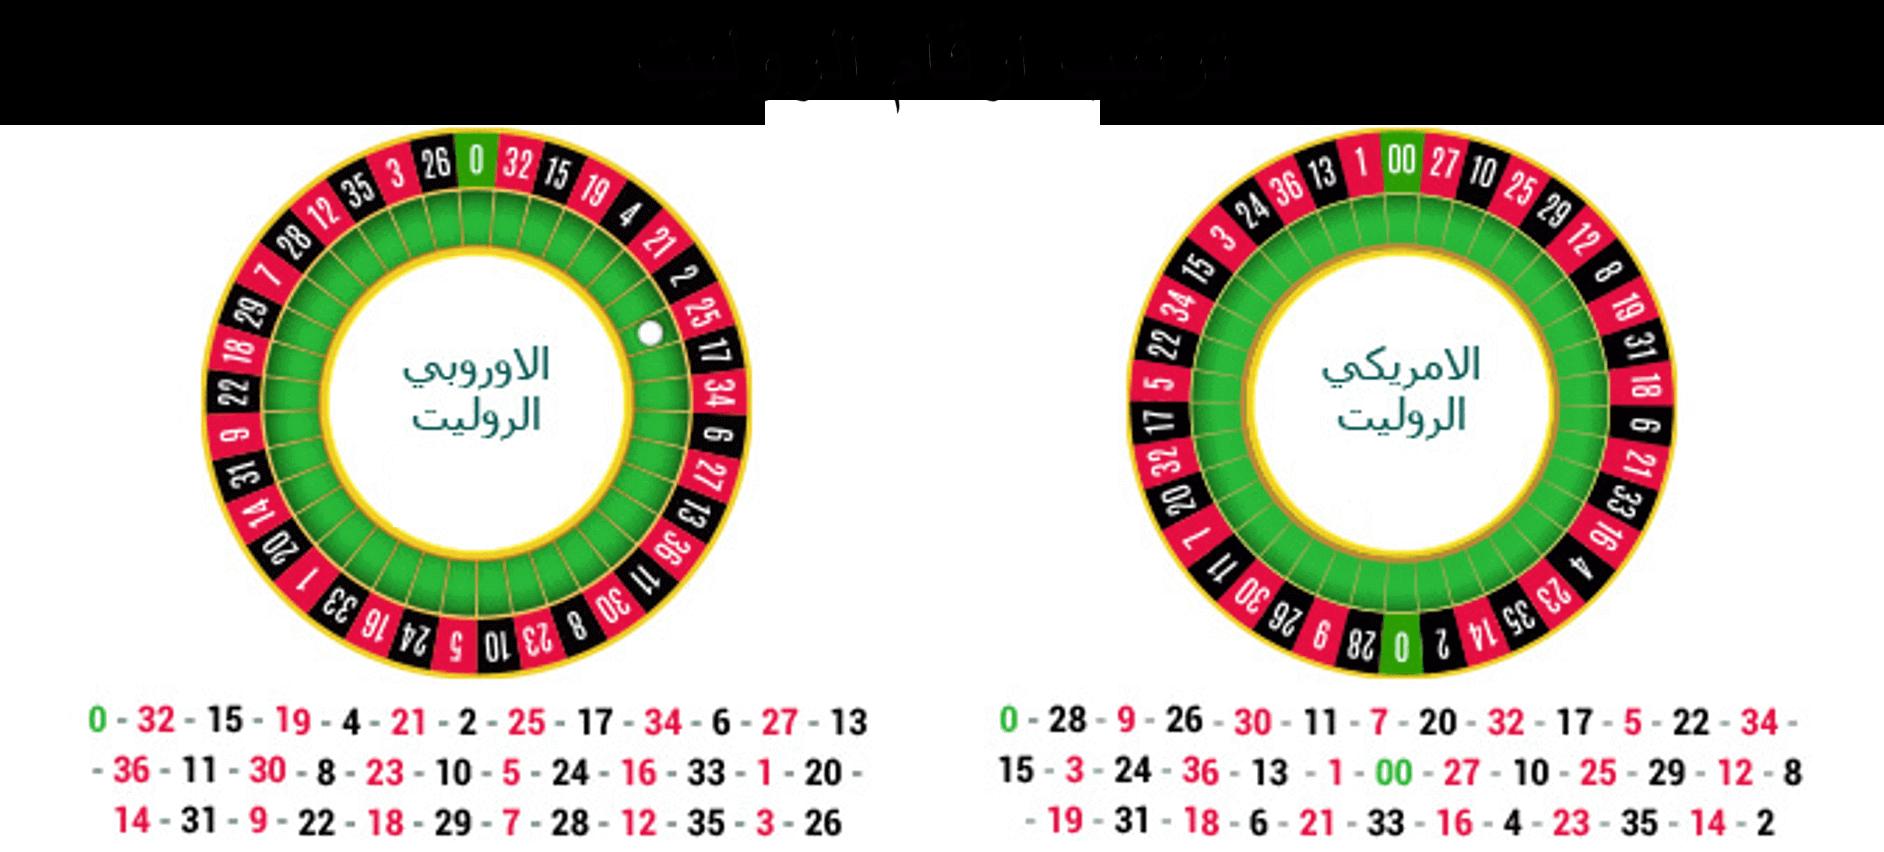 لعبة طاولة فلاش - 32655